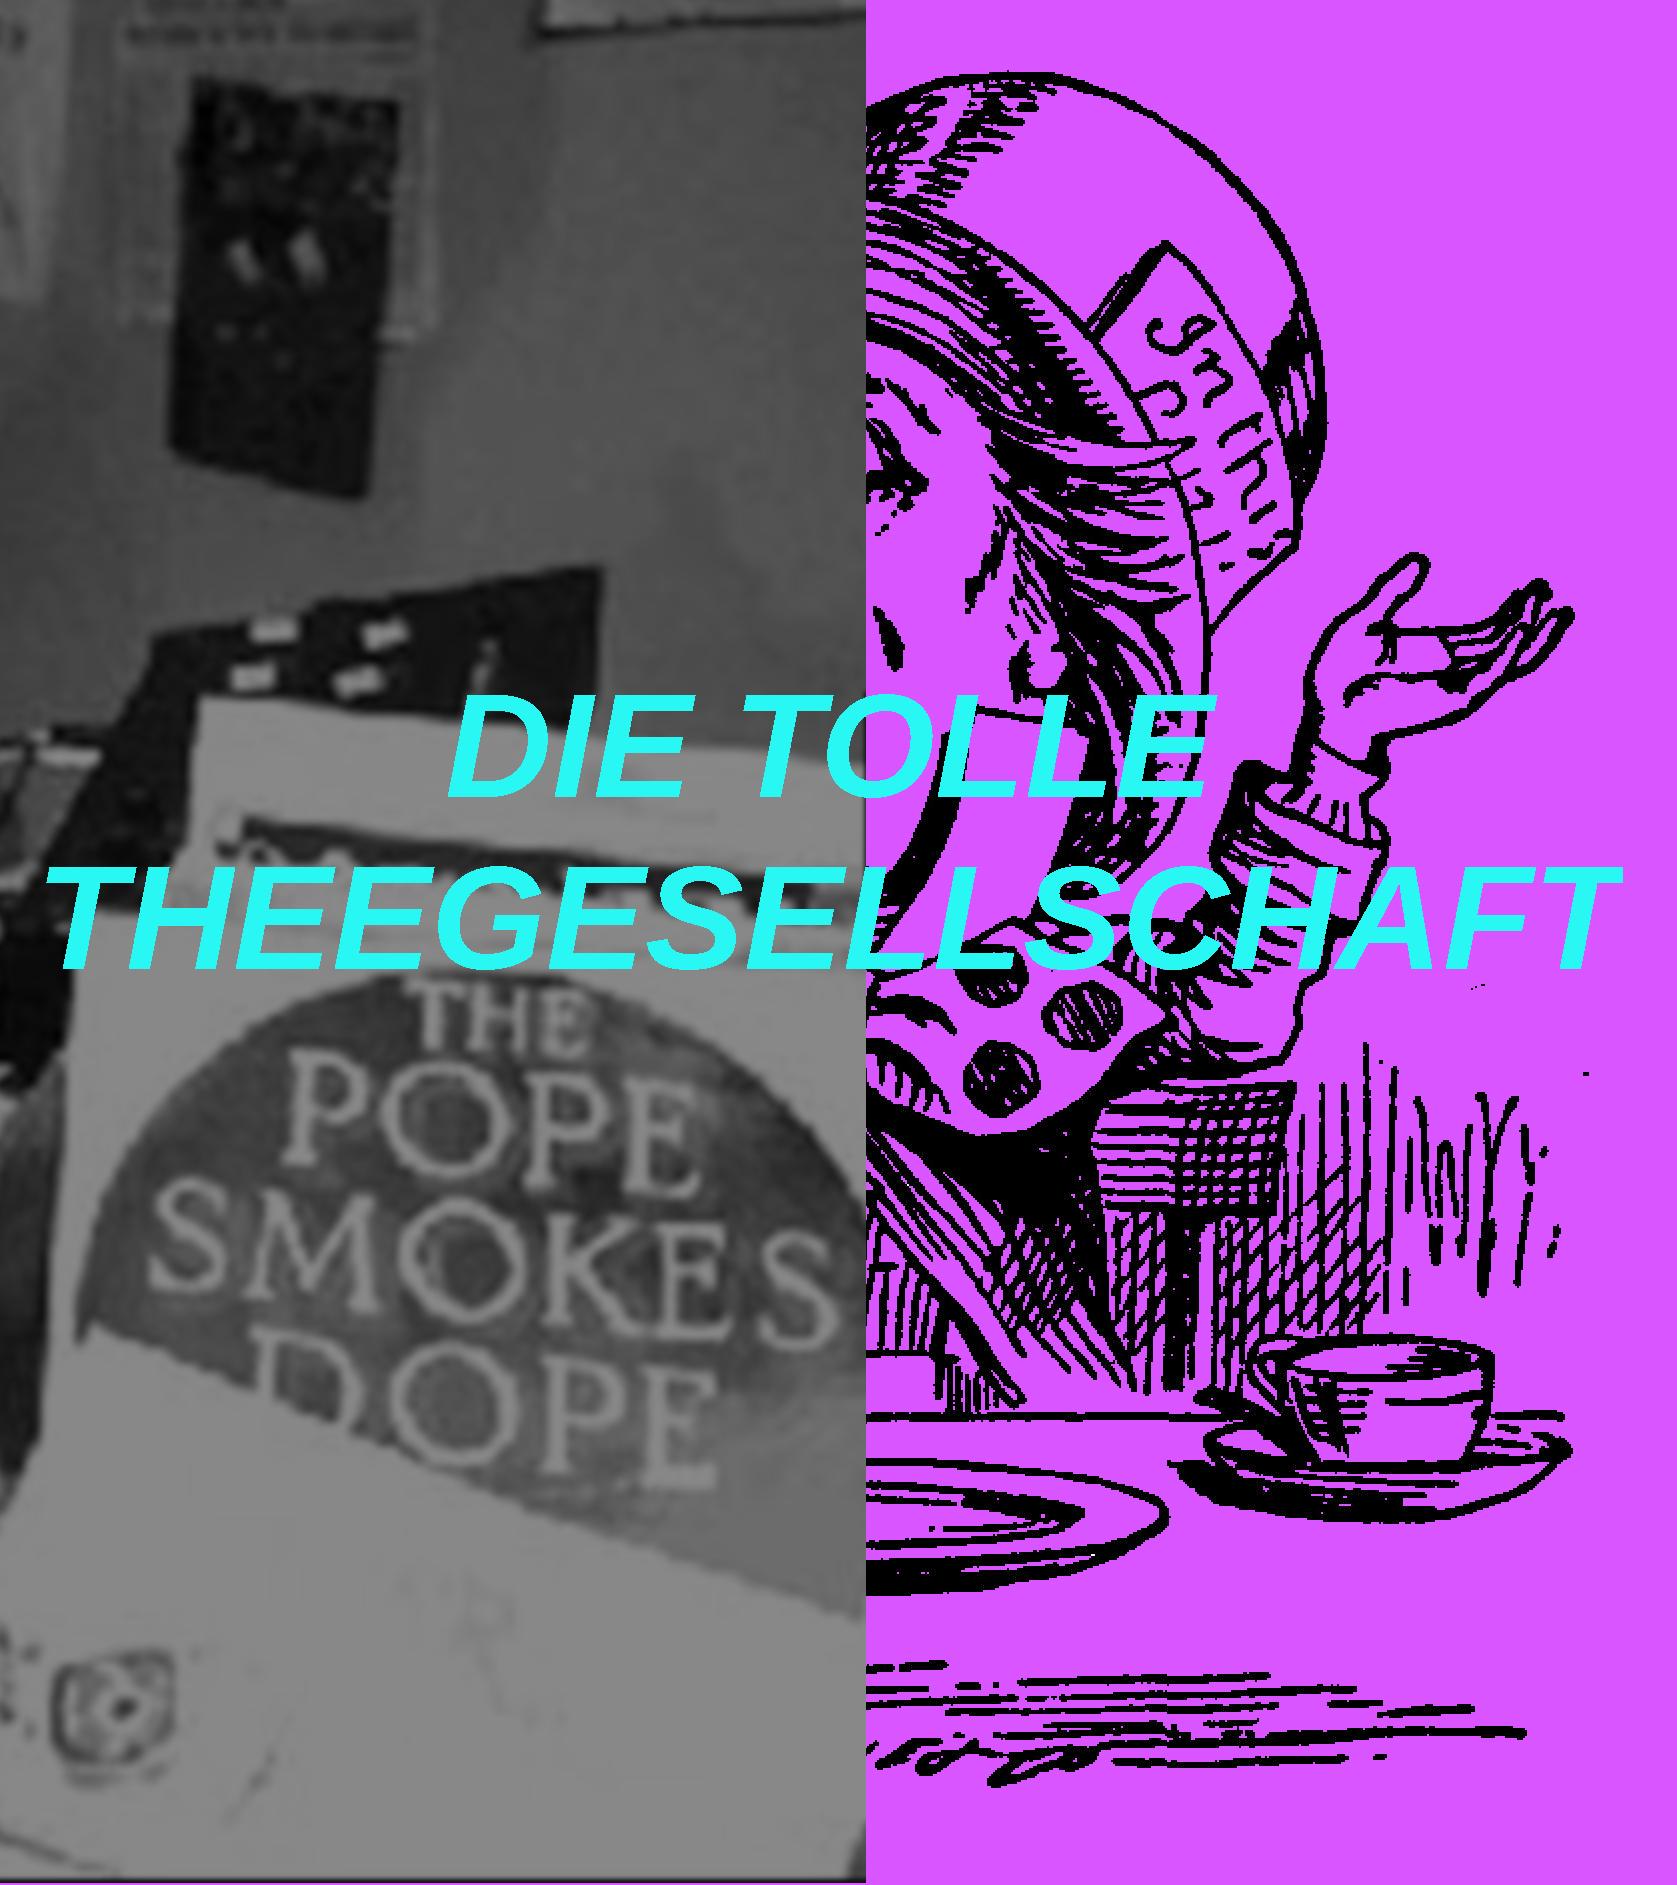 DIE TOLLE THEEGESELLSCHAFT